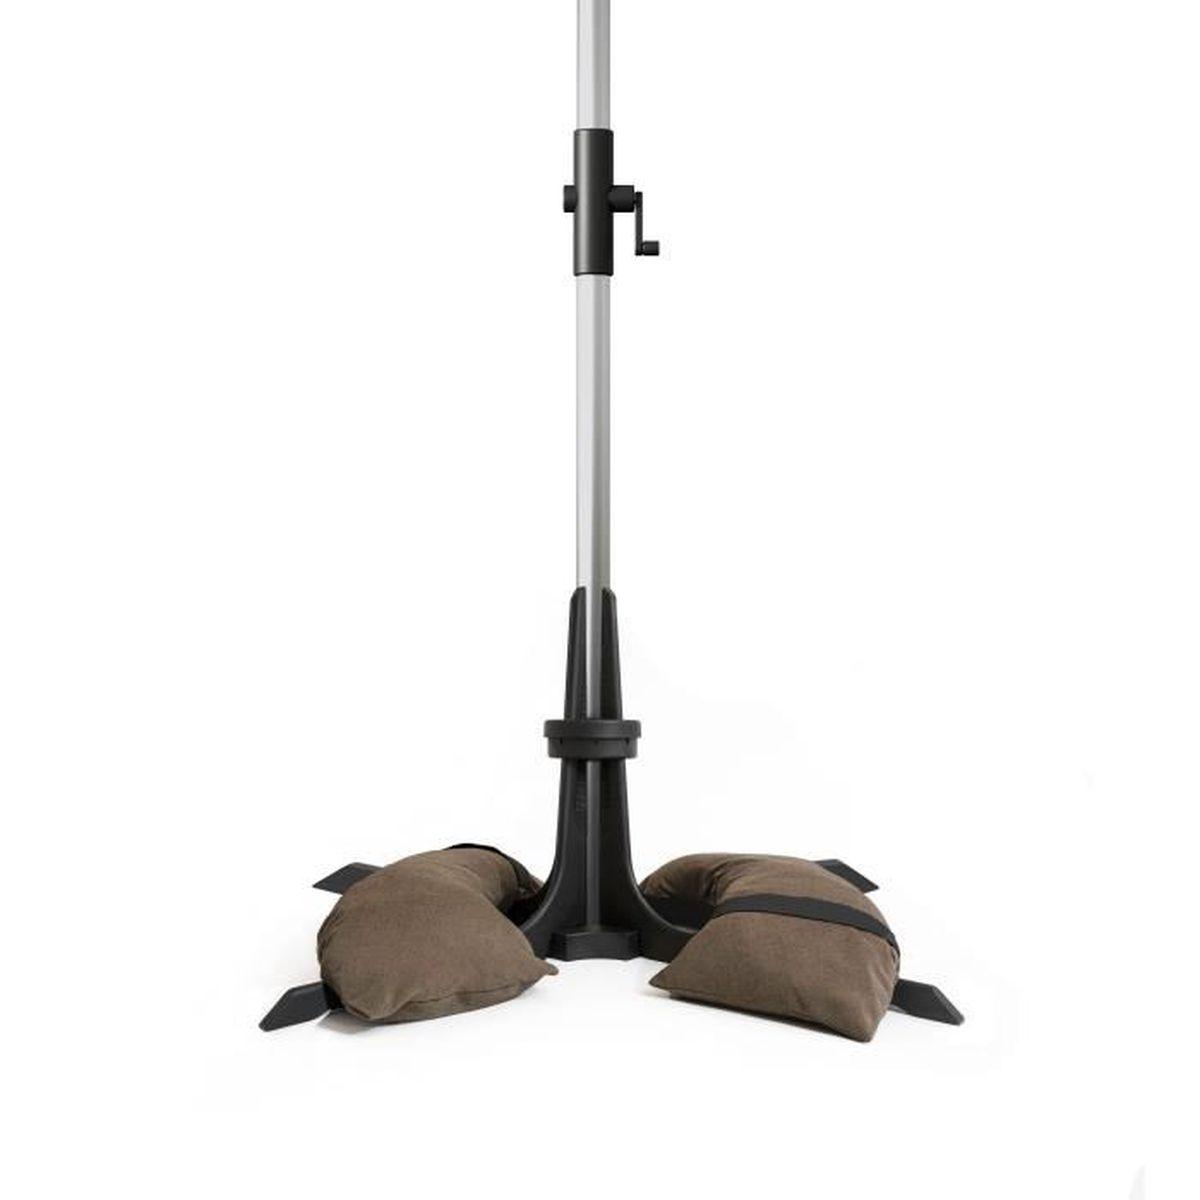 DALLE - PIED DE PARASOL Pied de parasol Baser pour la terrasse 50kg, marro